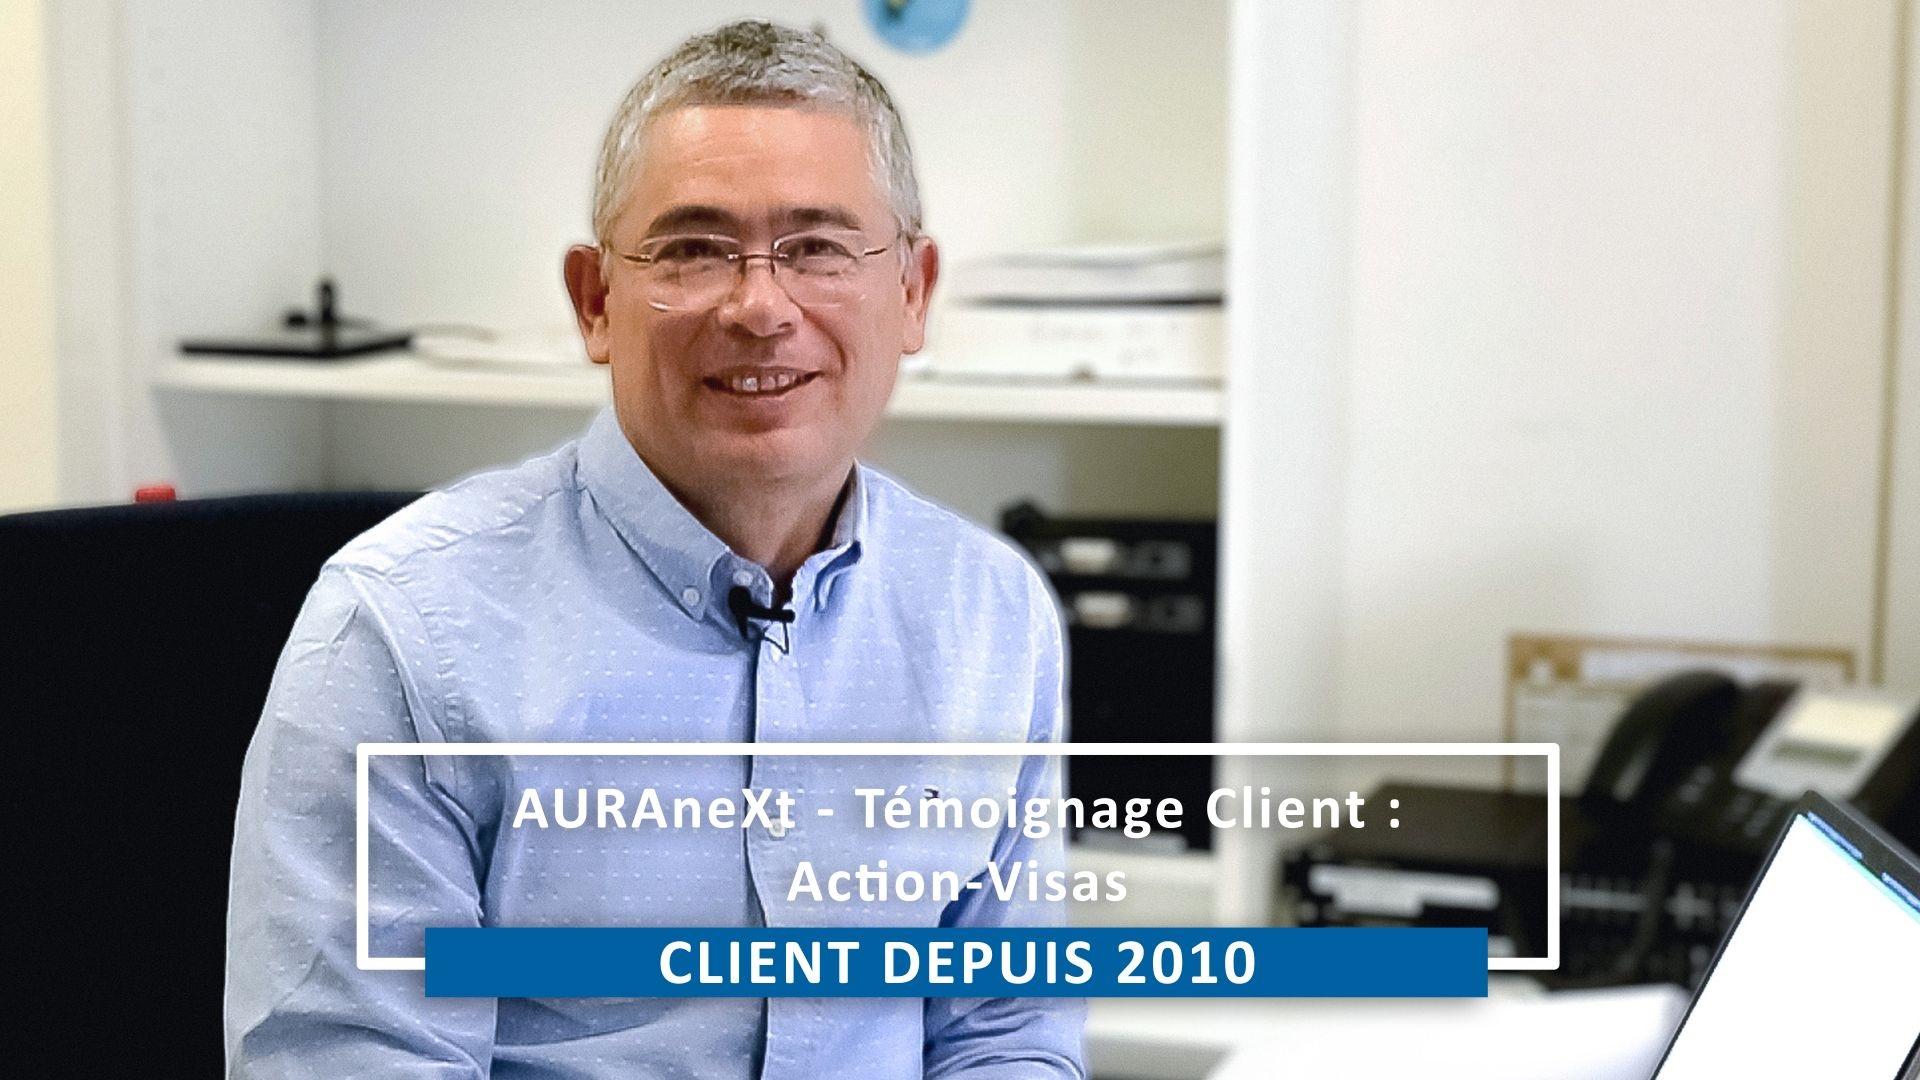 AURAneXt - Témoignage Client : Action-Visas Servinco